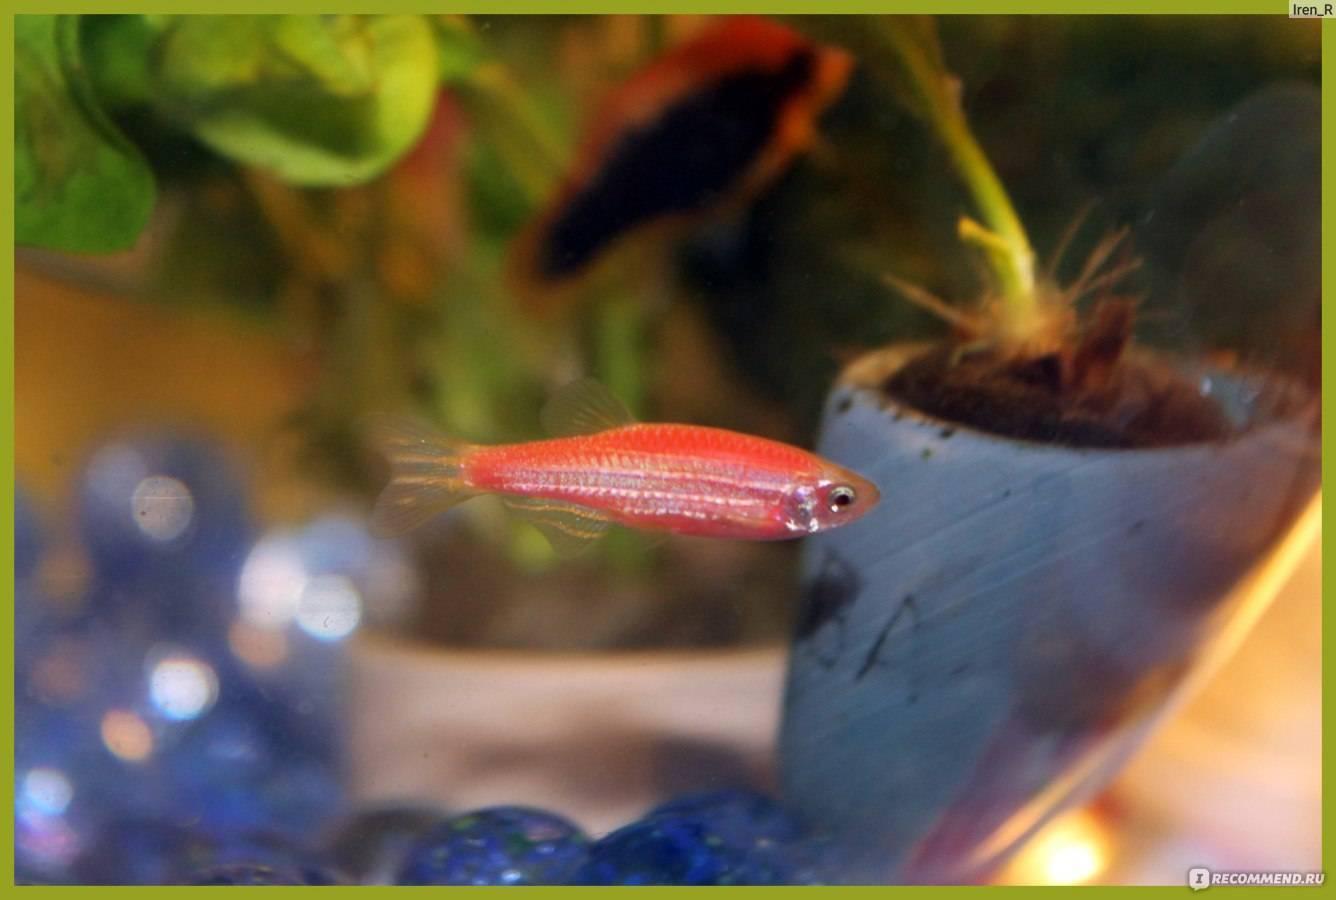 Размножение данио в аквариуме: нерест рыбки в домашних условиях для начинающих, уход за икрой, чем кормить мальков в первые дни и весь процесс от а до я